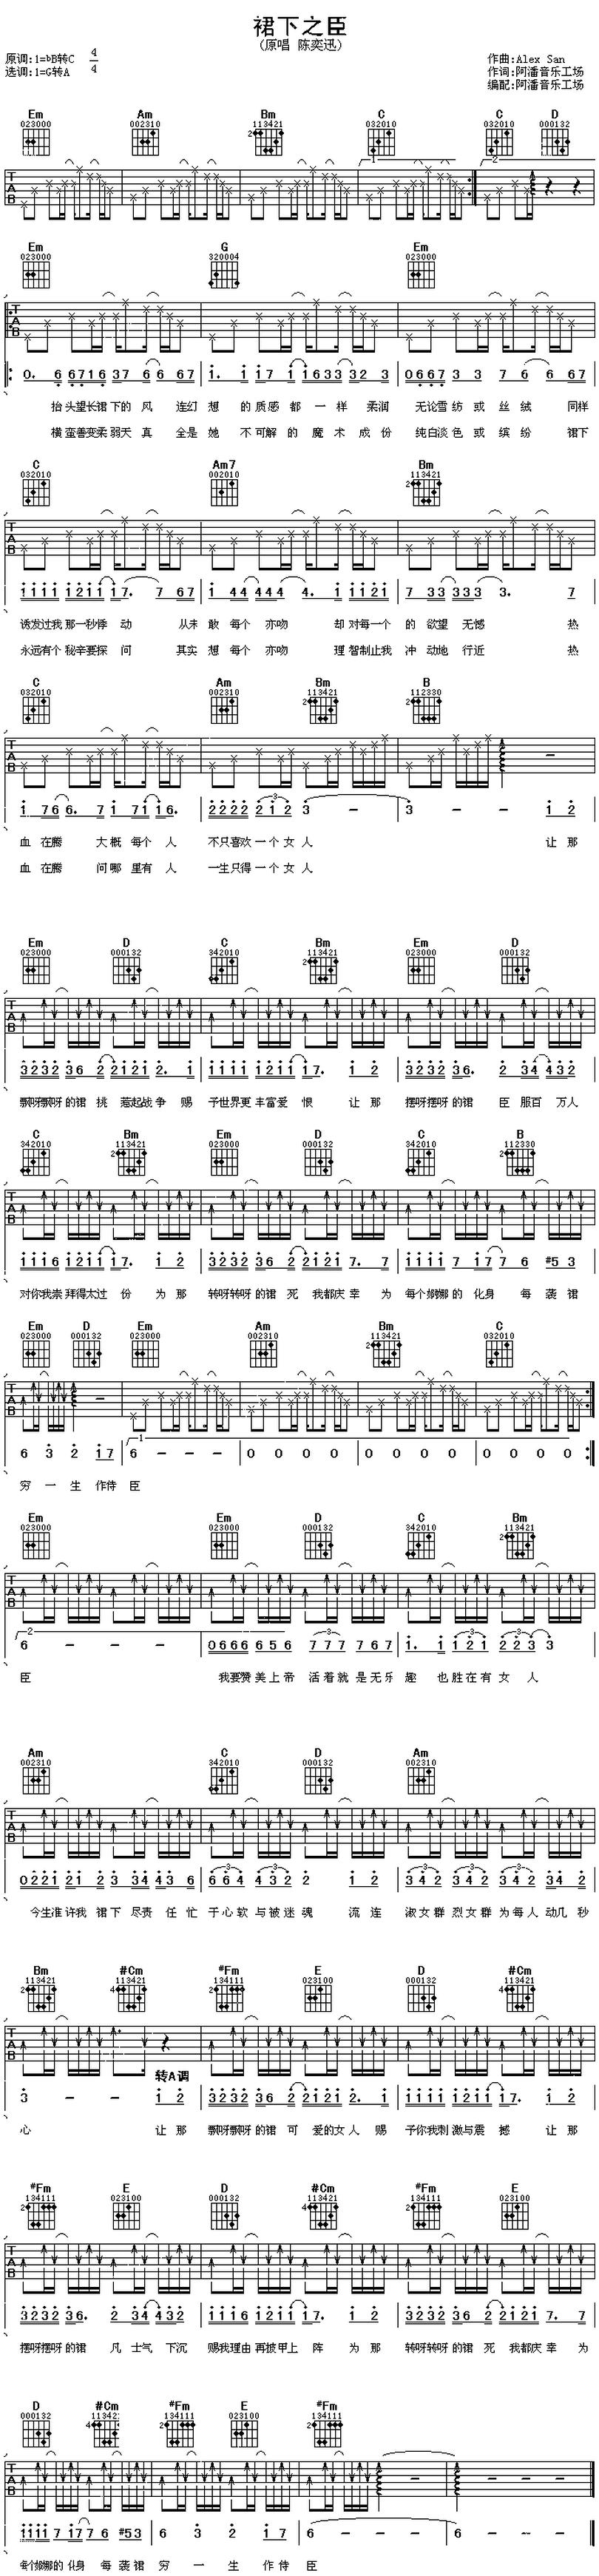 裙下之臣-陳奕迅-图片吉他谱-0